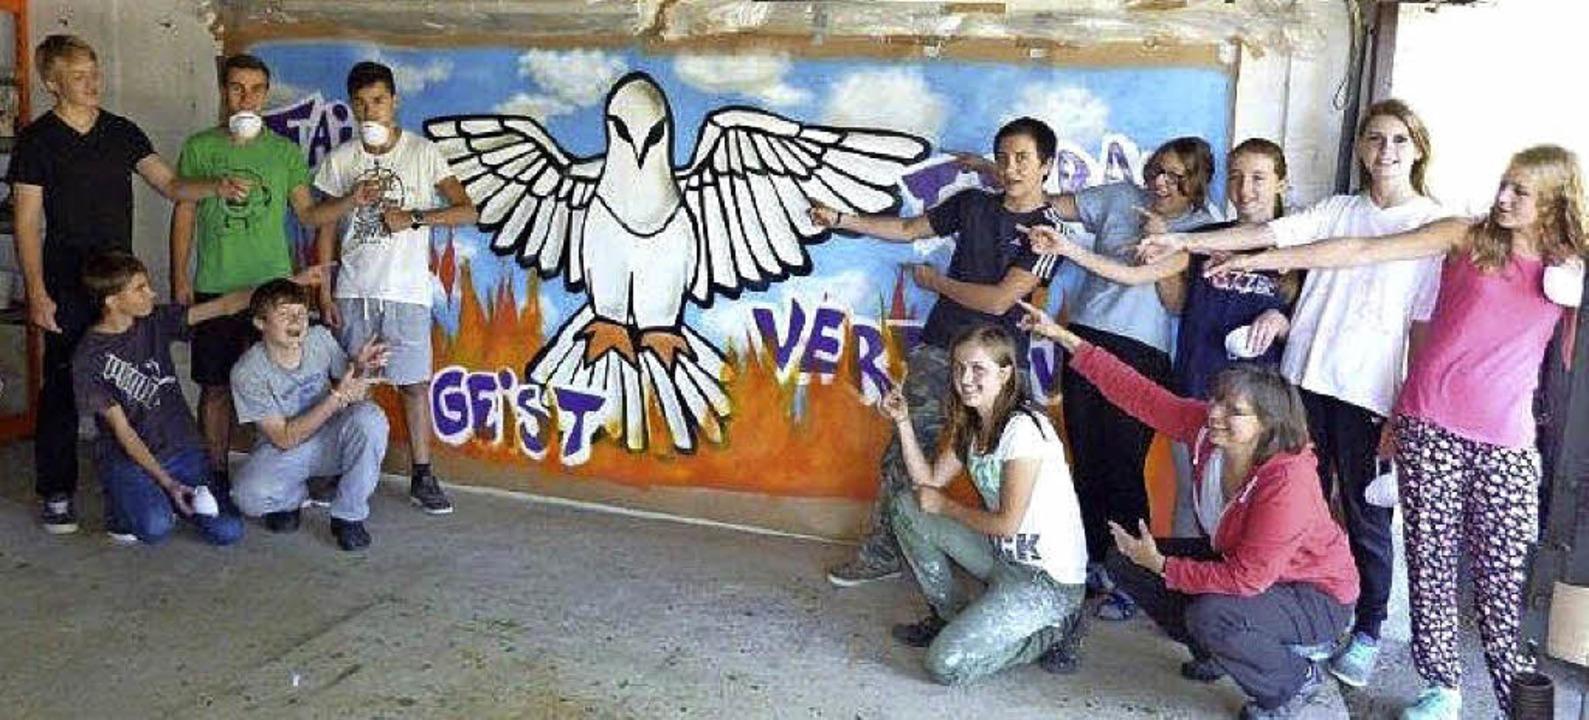 Graffiti in der Firmvorbereitung   | Foto: Privat